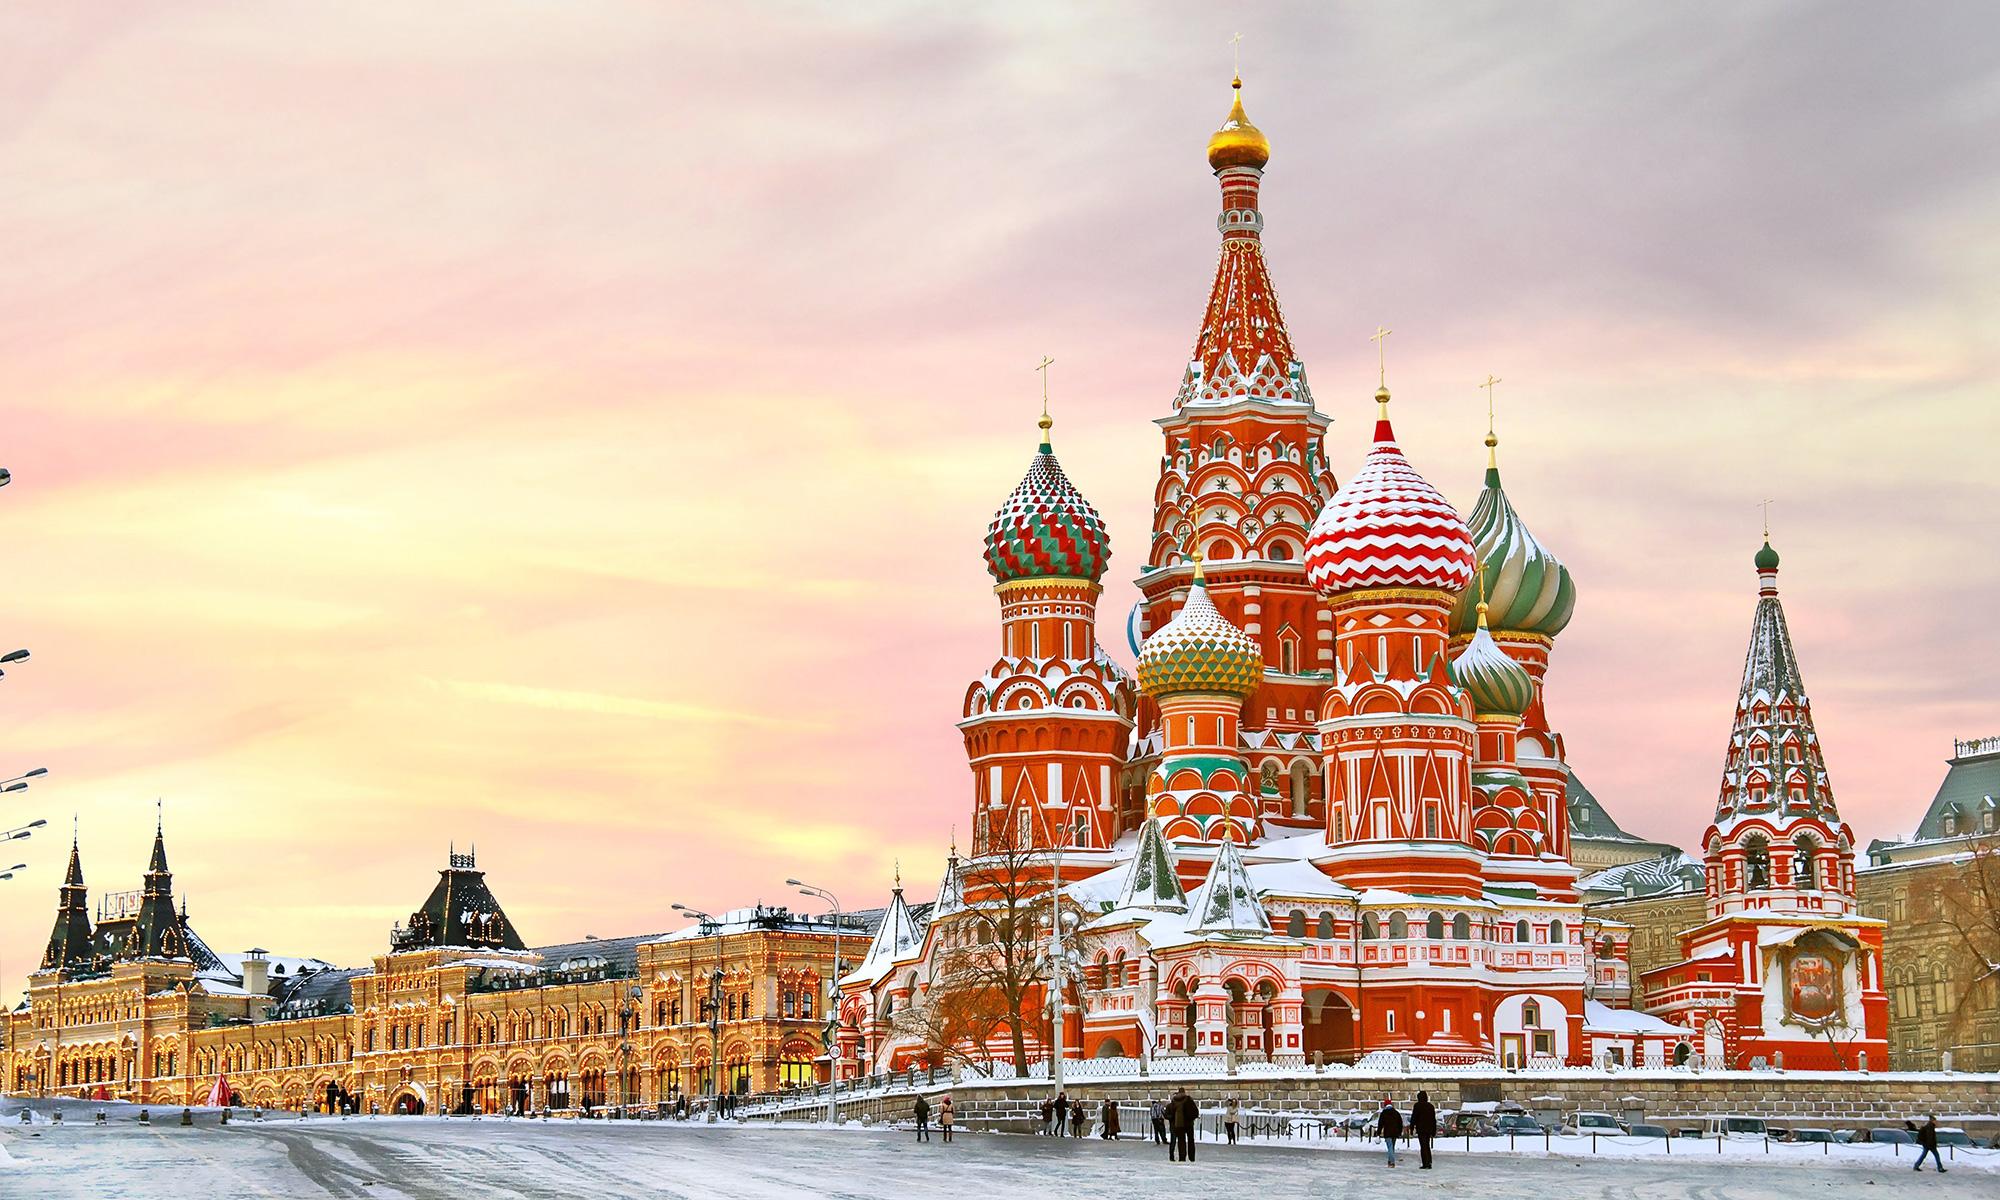 Voyage en Russie : tout ce qu'il faut savoir pour bien préparer son séjour